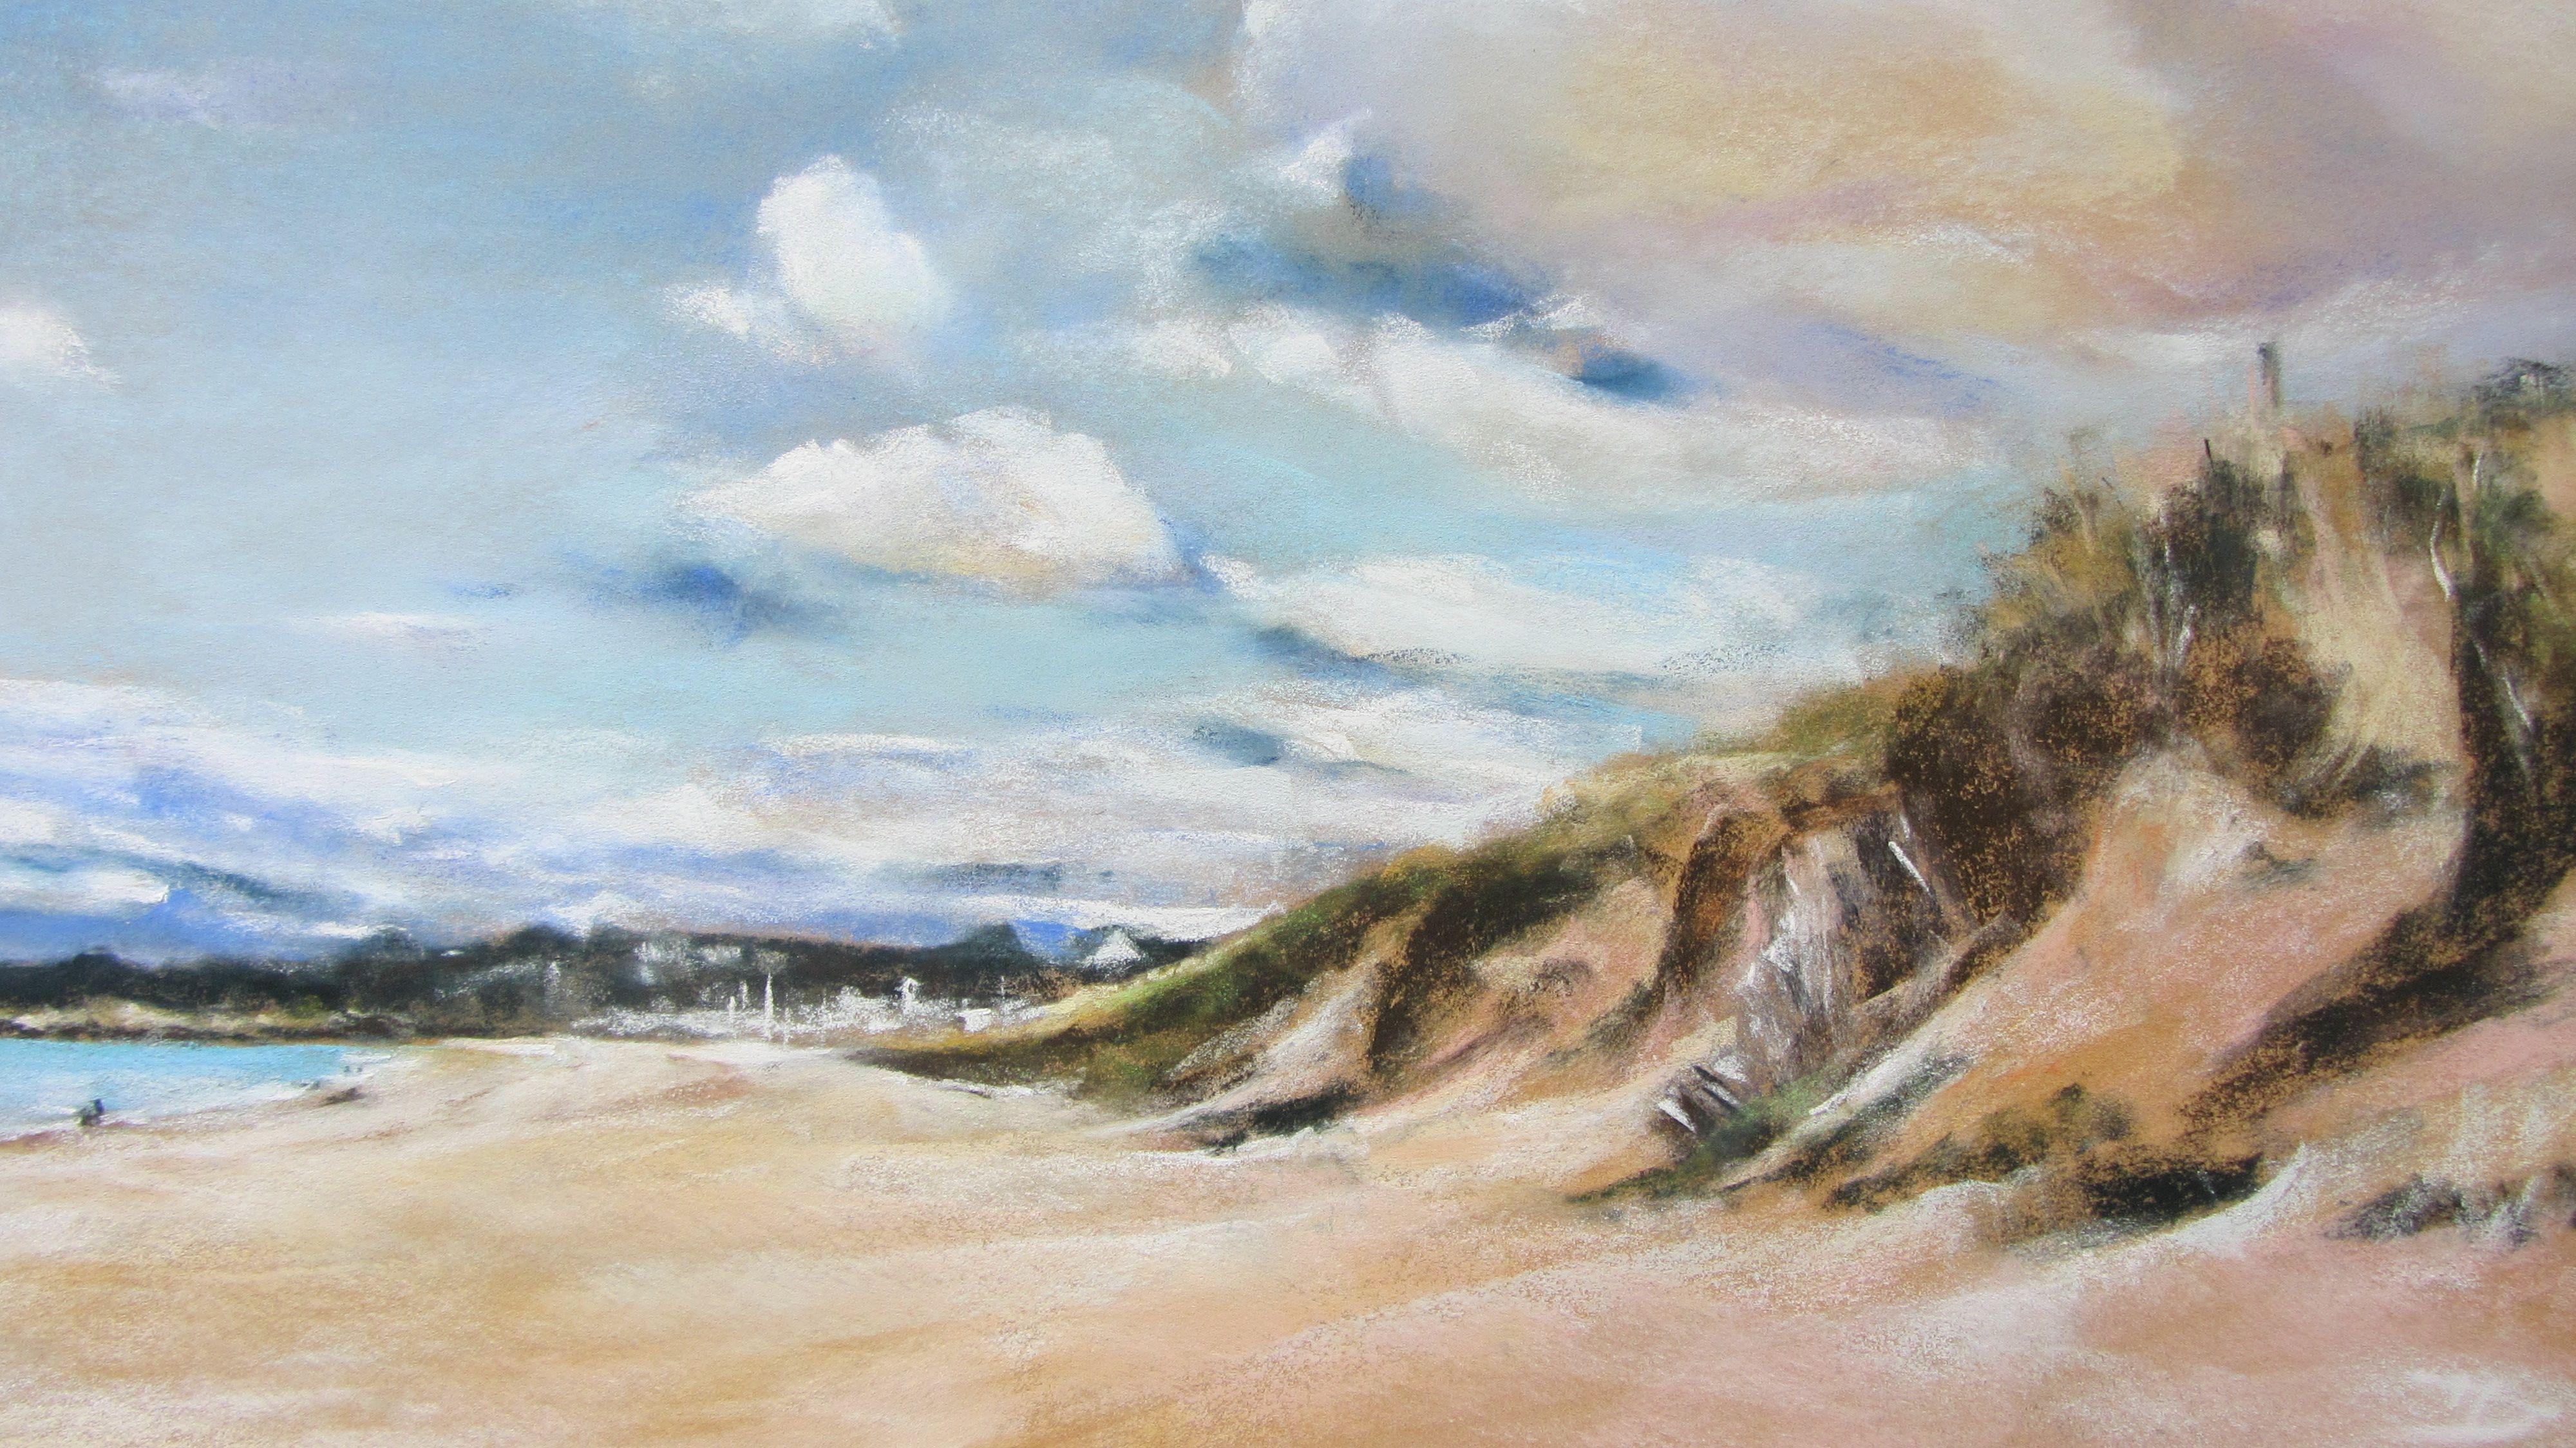 """Pastel sec par Isabelle Douzamy-Artiste peintre-Bretagne """"Plage des Mielles"""" Saint-cast-le-guildo www.douzamy.com"""